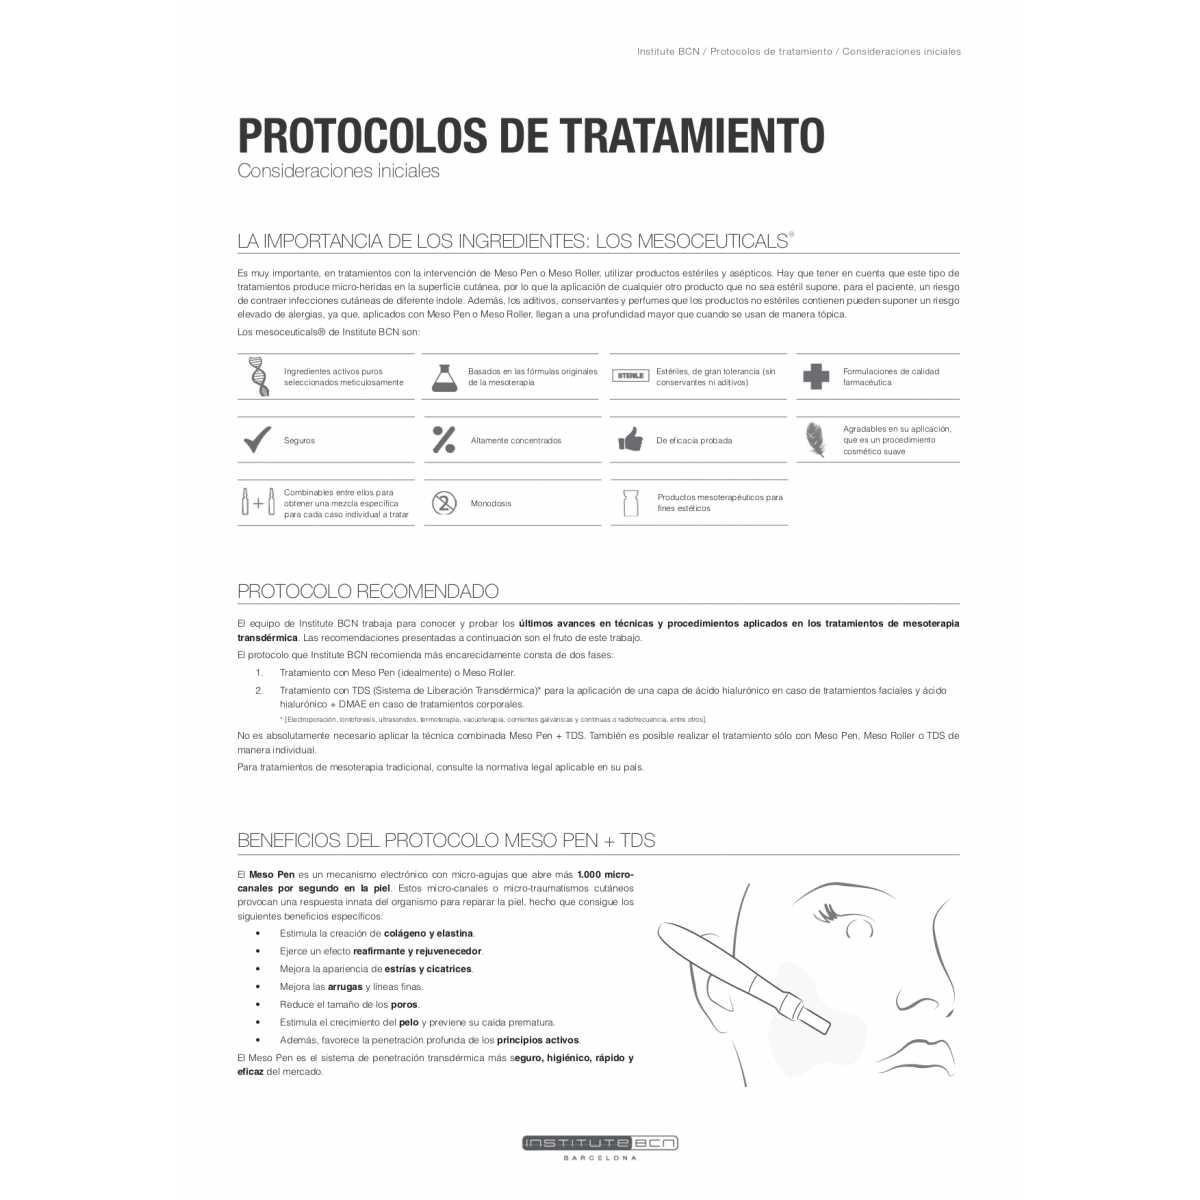 Acido glicolico Fiale di Soluzione Radiante - Principi attivi - Institute BCN